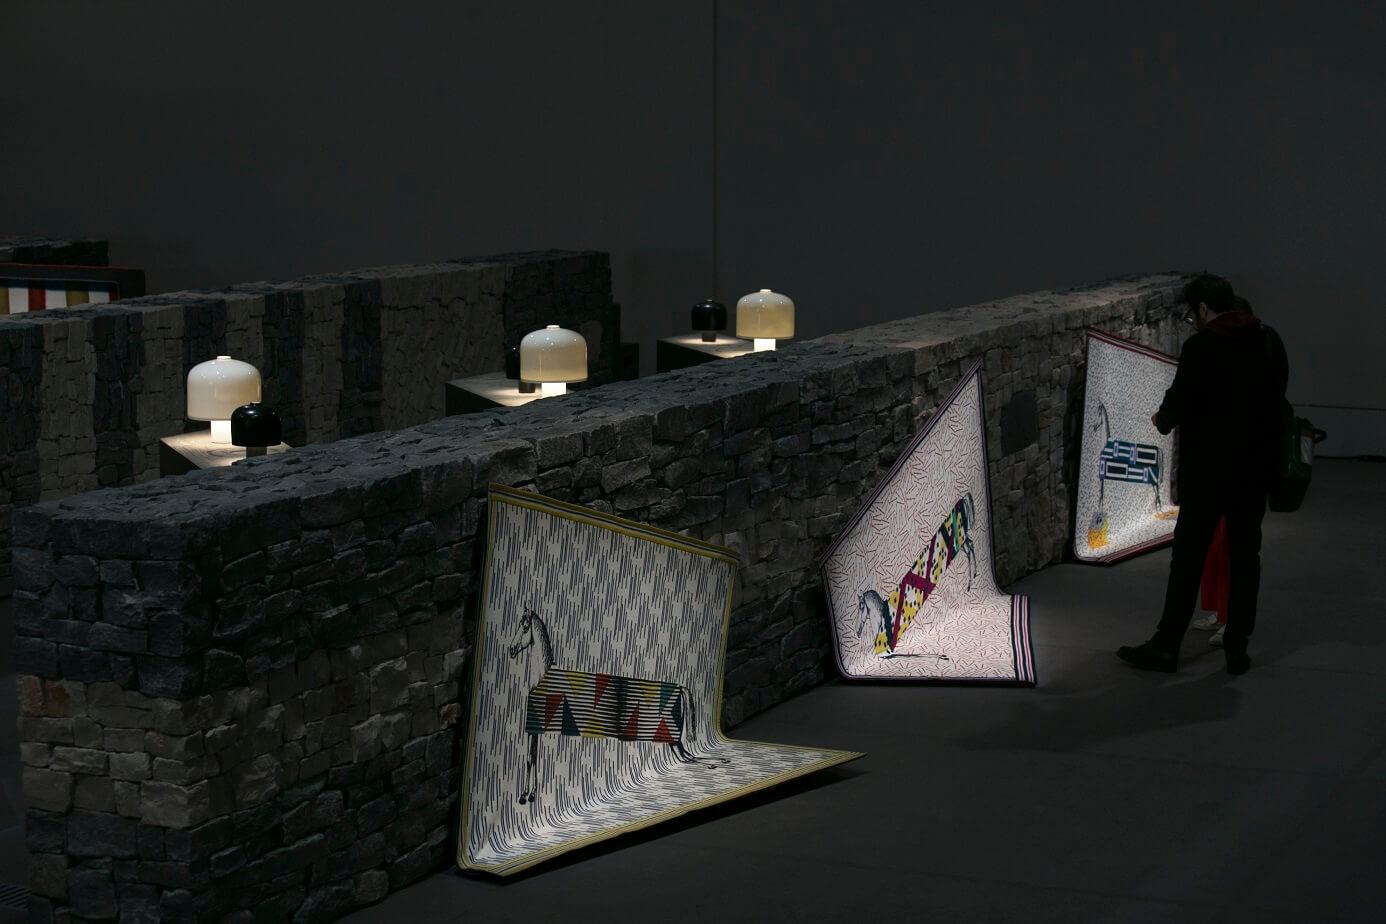 品牌將La Pelota展場布置成石牆迷宮陣,圖中的四方形毛毯(Plaid) Les Hippomobiles採用了喀什米爾羊絨及真絲,綴以玻璃珠子,讓馬兒圖案顯得神氣。